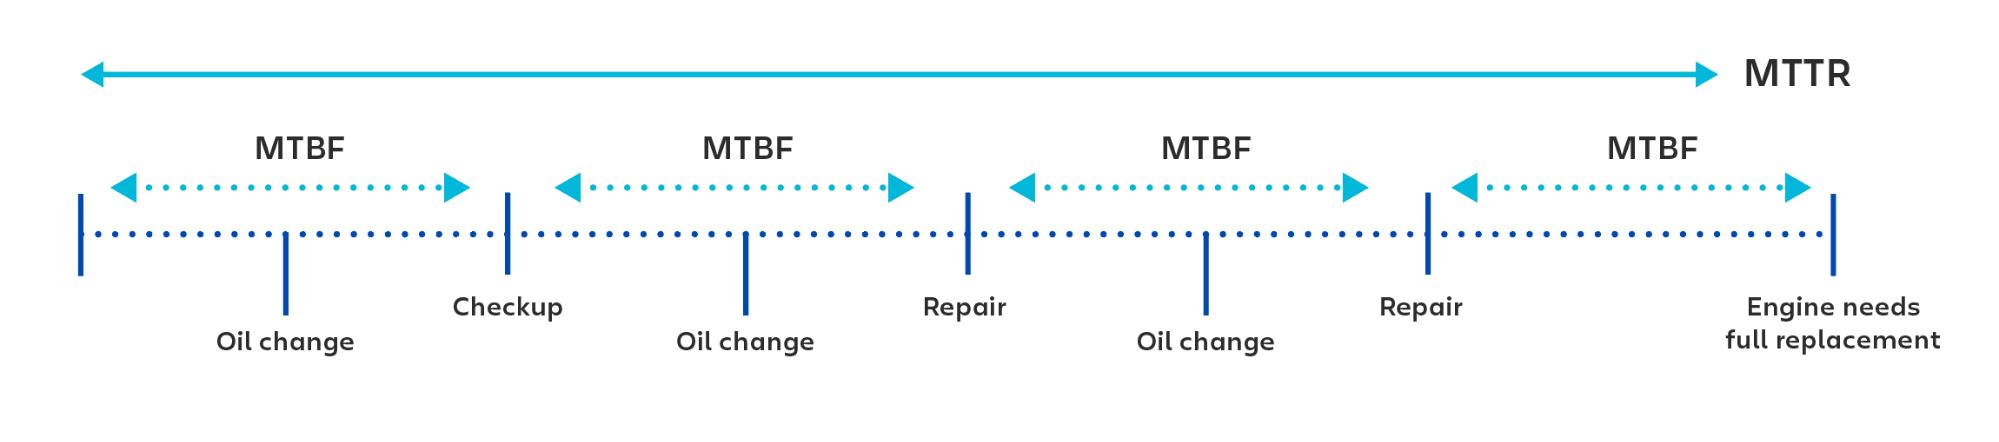 Visuelles Beispiel für die Verwendung von MTBF (mittlere Betriebsdauer zwischen Ausfällen) für die Berechnung des Zeitraums zwischen jeder Überprüfung oder Reparatur.